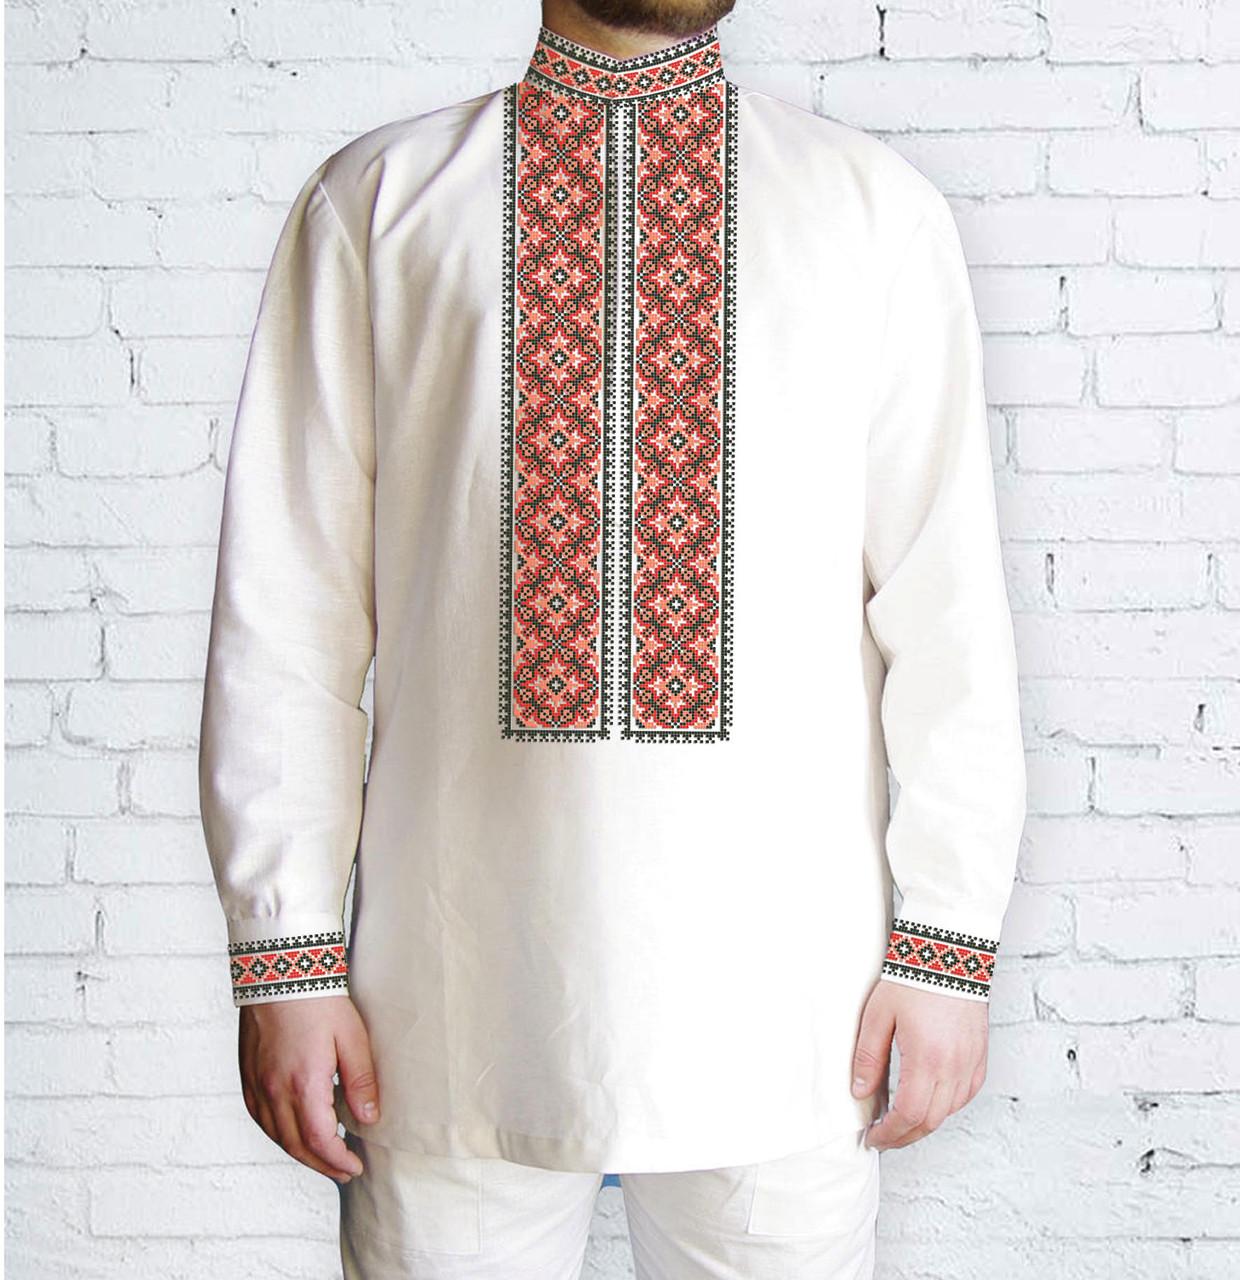 Заготовка чоловічої сорочки та вишиванки для вишивки чи вишивання бісером Бисерок «Орнамент 524 Ч» (Ч-524 Ч )